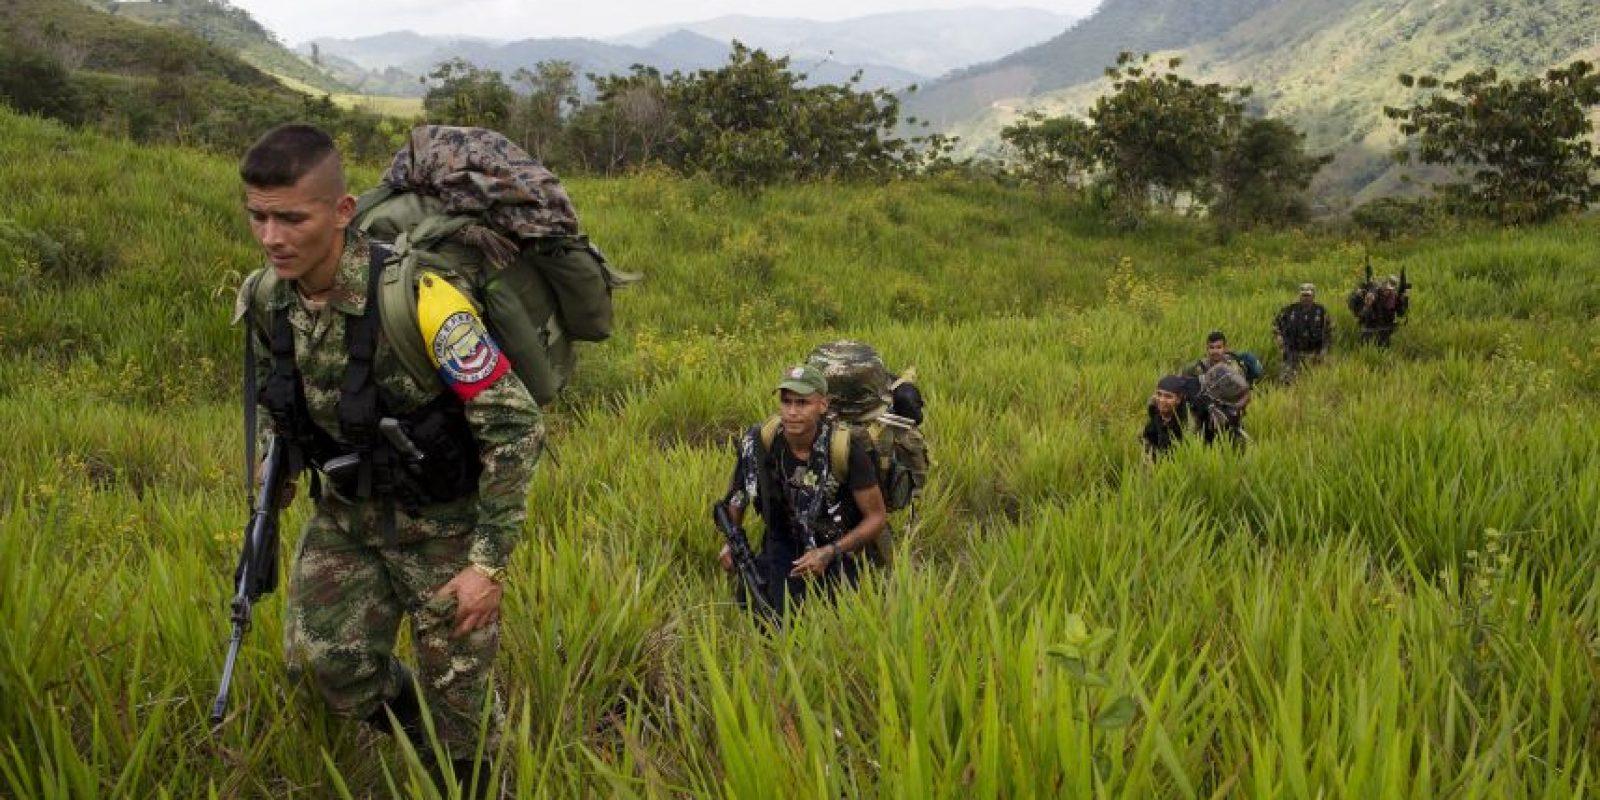 En esta imagen, tomada el 6 de enero de 2016, miembros del frente 36 de las Fuerzas Armadas Revolucionarias de Colombia, o FARC, caminan por un campo en el estado de Antioquia, en el noroeste de los Alpes colombianos. Los grandes campamentos de la guerrilla son una cosa del pasado, los rebeldes se mueven ahora en grupos más pequeños. El frente 36 está formado por 22 rebeldes rasos, cuatro comandantes y 2 perros. Foto:AP/ Rodrigo Abd